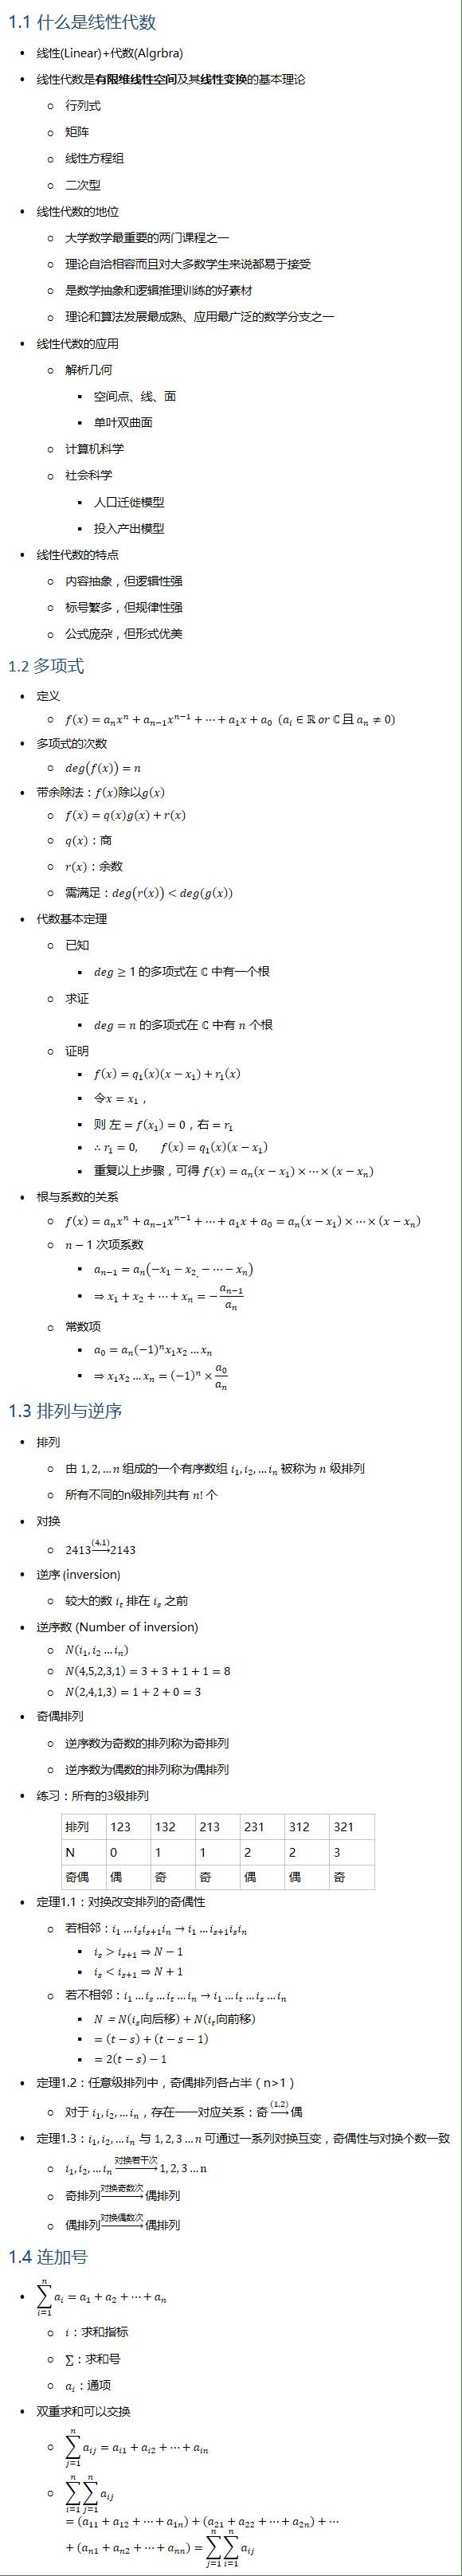 1.1 什么是线性代数 • 线性(Linear)+代数(Algrbra) • 线性代数是有限维线性空间及其线性变换的基本理论 ○ 行列式 ○ 矩阵 ○ 线性方程组 ○ 二次型 • 线性代数的地位 ○ 大学数学最重要的两门课程之一 ○ 理论自洽相容而且对大多数学生来说都易于接受 ○ 是数学抽象和逻辑推理训练的好素材 ○ 理论和算法发展最成熟、应用最广泛的数学分支之一 • 线性代数的应用 ○ 解析几何 § 空间点、线、面 § 单叶双曲面 ○ 计算机科学 ○ 社会科学 § 人口迁徙模型 § 投入产出模型 • 线性代数的特点 ○ 内容抽象,但逻辑性强 ○ 标号繁多,但规律性强 ○ 公式庞杂,但形式优美 1.2 多项式 • 定义 ○ f(x)=a_n x^n+a_(n−1) x^(n−1)+…+a_1 x+a_0 (a_i∈R or ℂ 且 a_n≠0) • 多项式的次数 ○ deg(f(x))=n • 带余除法:f(x)除以g(x) ○ f(x)=q(x)g(x)+r(x) ○ q(x):商 ○ r(x):余数 ○ 需满足:deg(r(x))<deg(g(x)) • 代数基本定理 ○ 已知 § deg≥1 的多项式在 ℂ 中有一个根 ○ 求证 § deg=n 的多项式在 ℂ 中有 n 个根 ○ 证明 § f(x)=q_1 (x)(x−x_1)+r_1 (x) § 令x=x_1, § 则 左=f(x_1 )=0,右=r_1 § ∴r_1=0, f(x)=q_1 (x)(x−x_1 ) § 重复以上步骤,可得 f(x)=a_n (x−x_1 )×…×(x−x_n ) • 根与系数的关系 ○ f(x)=a_n x^n+a_(n−1) x^(n−1)+…+a_1 x+a_0=a_n (x−x_1 )×…×(x−x_n ) ○ n−1 次项系数 § a_(n−1)=a_n (−x_1−〖x_2〗_.−…−x_n ) § ⇒x_1+x_2+…+x_n=−a_(n−1)/a_n ○ 常数项 § a_0=a_n (−1)^n x_1 x_2…x_n § ⇒x_1 x_2…x_n=(−1)^n×a_0/a_n 1.3 排列与逆序 • 排列 ○ 由 1, 2, …n 组成的一个有序数组 i_1,i_2,…i_n 被称为 n 级排列 ○ 所有不同的n级排列共有 n! 个 • 对换 ○ 2413→┴((4,1)) 2143 • 逆序 (inversion) ○ 较大的数 i_t 排在 i_s 之前 • 逆序数 (Number of inversion) ○ N(i_1, i_2…i_n ) ○ N(4,5,2,3,1)=3+3+1+1=8 ○ N(2,4,1,3)=1+2+0=3 • 奇偶排列 ○ 逆序数为奇数的排列称为奇排列 ○ 逆序数为偶数的排列称为偶排列 • 练习:所有的3级排列 排列 123 132 213 231 312 321 N 0 1 1 2 2 3 奇偶 偶 奇 奇 偶 偶 奇 • 定理1.1:对换改变排列的奇偶性 ○ 若相邻:i_1…i_s i_(s+1) i_n→i_1…i_(s+1) i_s i_n § i_s>i_(s+1)⇒N−1 § i_s<i_(s+1)⇒N+1 ○ 若不相邻:i_1…i_s…i_t…i_n→i_1…i_t…i_s…i_n § N=N(i_s 向后移)+N(i_t 向前移) § =(t−s)+(t−s−1) § =2(t−s)−1 • 定理1.2:任意级排列中,奇偶排列各占半(n>1) ○ 对于 i_1,i_2,…i_n,存在一一对应关系:奇→┴(1,2) 偶 • 定理1.3:i_1,i_2,…i_n 与 1, 2, 3…n 可通过一系列对换互变,奇偶性与对换个数一致 ○ i_1,i_2,…i_n →┴对换若干次 1, 2, 3…n ○ 奇排列→┴对换奇数次 偶排列 ○ 偶排列→┴对换偶数次 偶排列 1.4 连加号 • ∑_(i=1)^n▒a_i =a_1+a_2+…+a_n ○ i:求和指标 ○ ∑:求和号 ○ a_i:通项 • 双重求和可以交换 ○ ∑_(j=1)^n▒a_ij =a_i1+a_i2+…+a_in ○ ∑_(i=1)^n▒∑_(j=1)^n▒a_ij =(a_11+a_12+…+a_1n )+(a_21+a_22+…+a_2n)+…+(a_n1+a_n2+…+a_nn )=∑_(j=1)^n▒∑_(i=1)^n▒a_ij